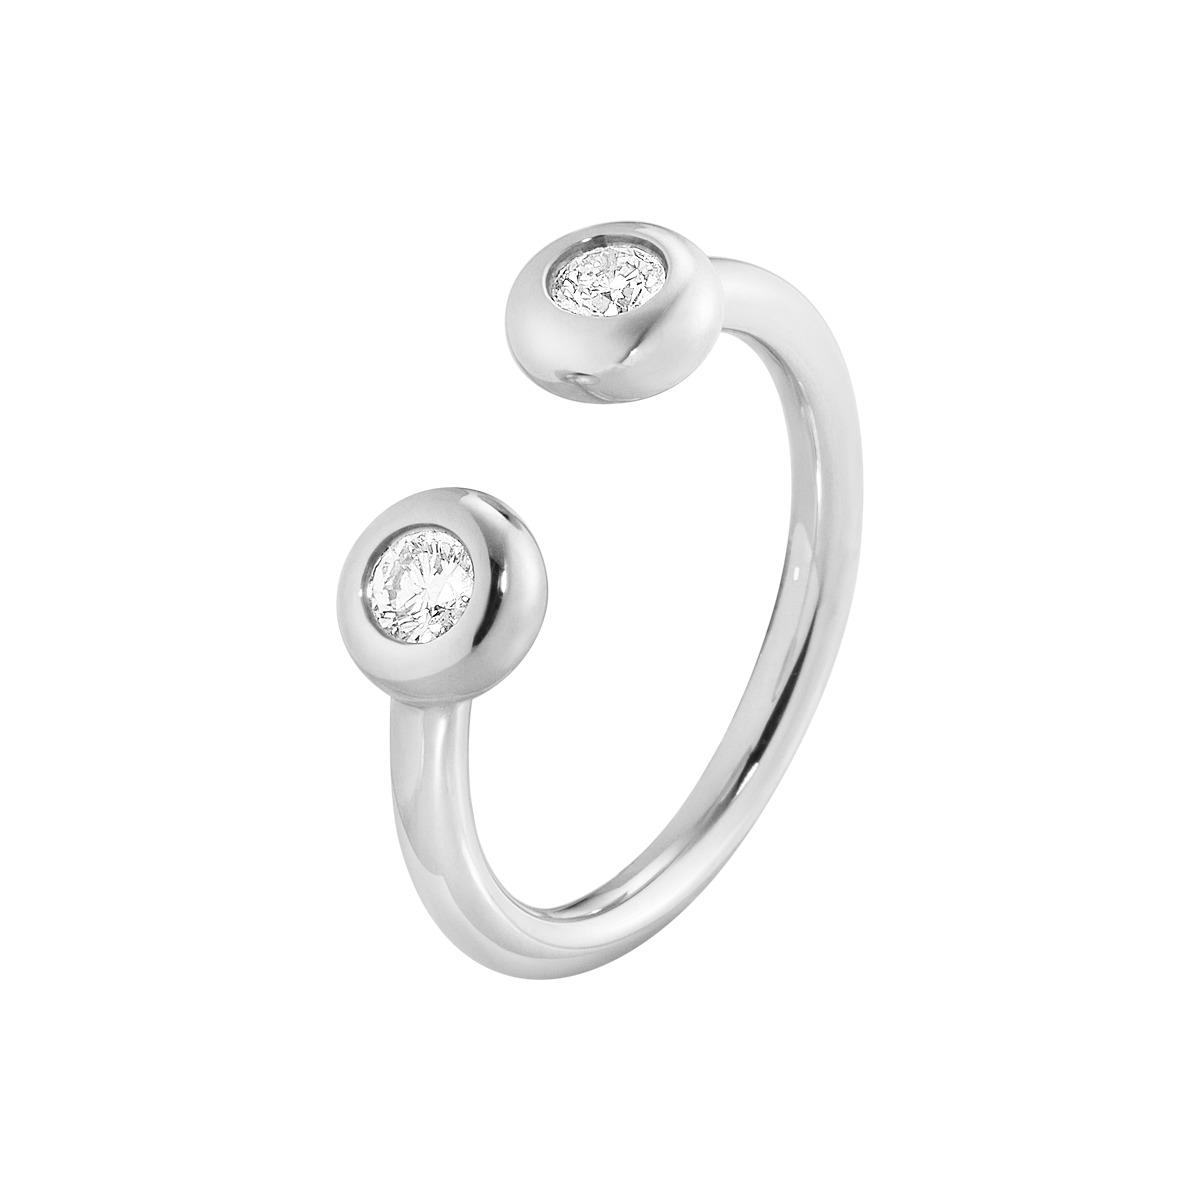 Image of   Georg Jensen AURORA ring - 3572580 Størrelse 52